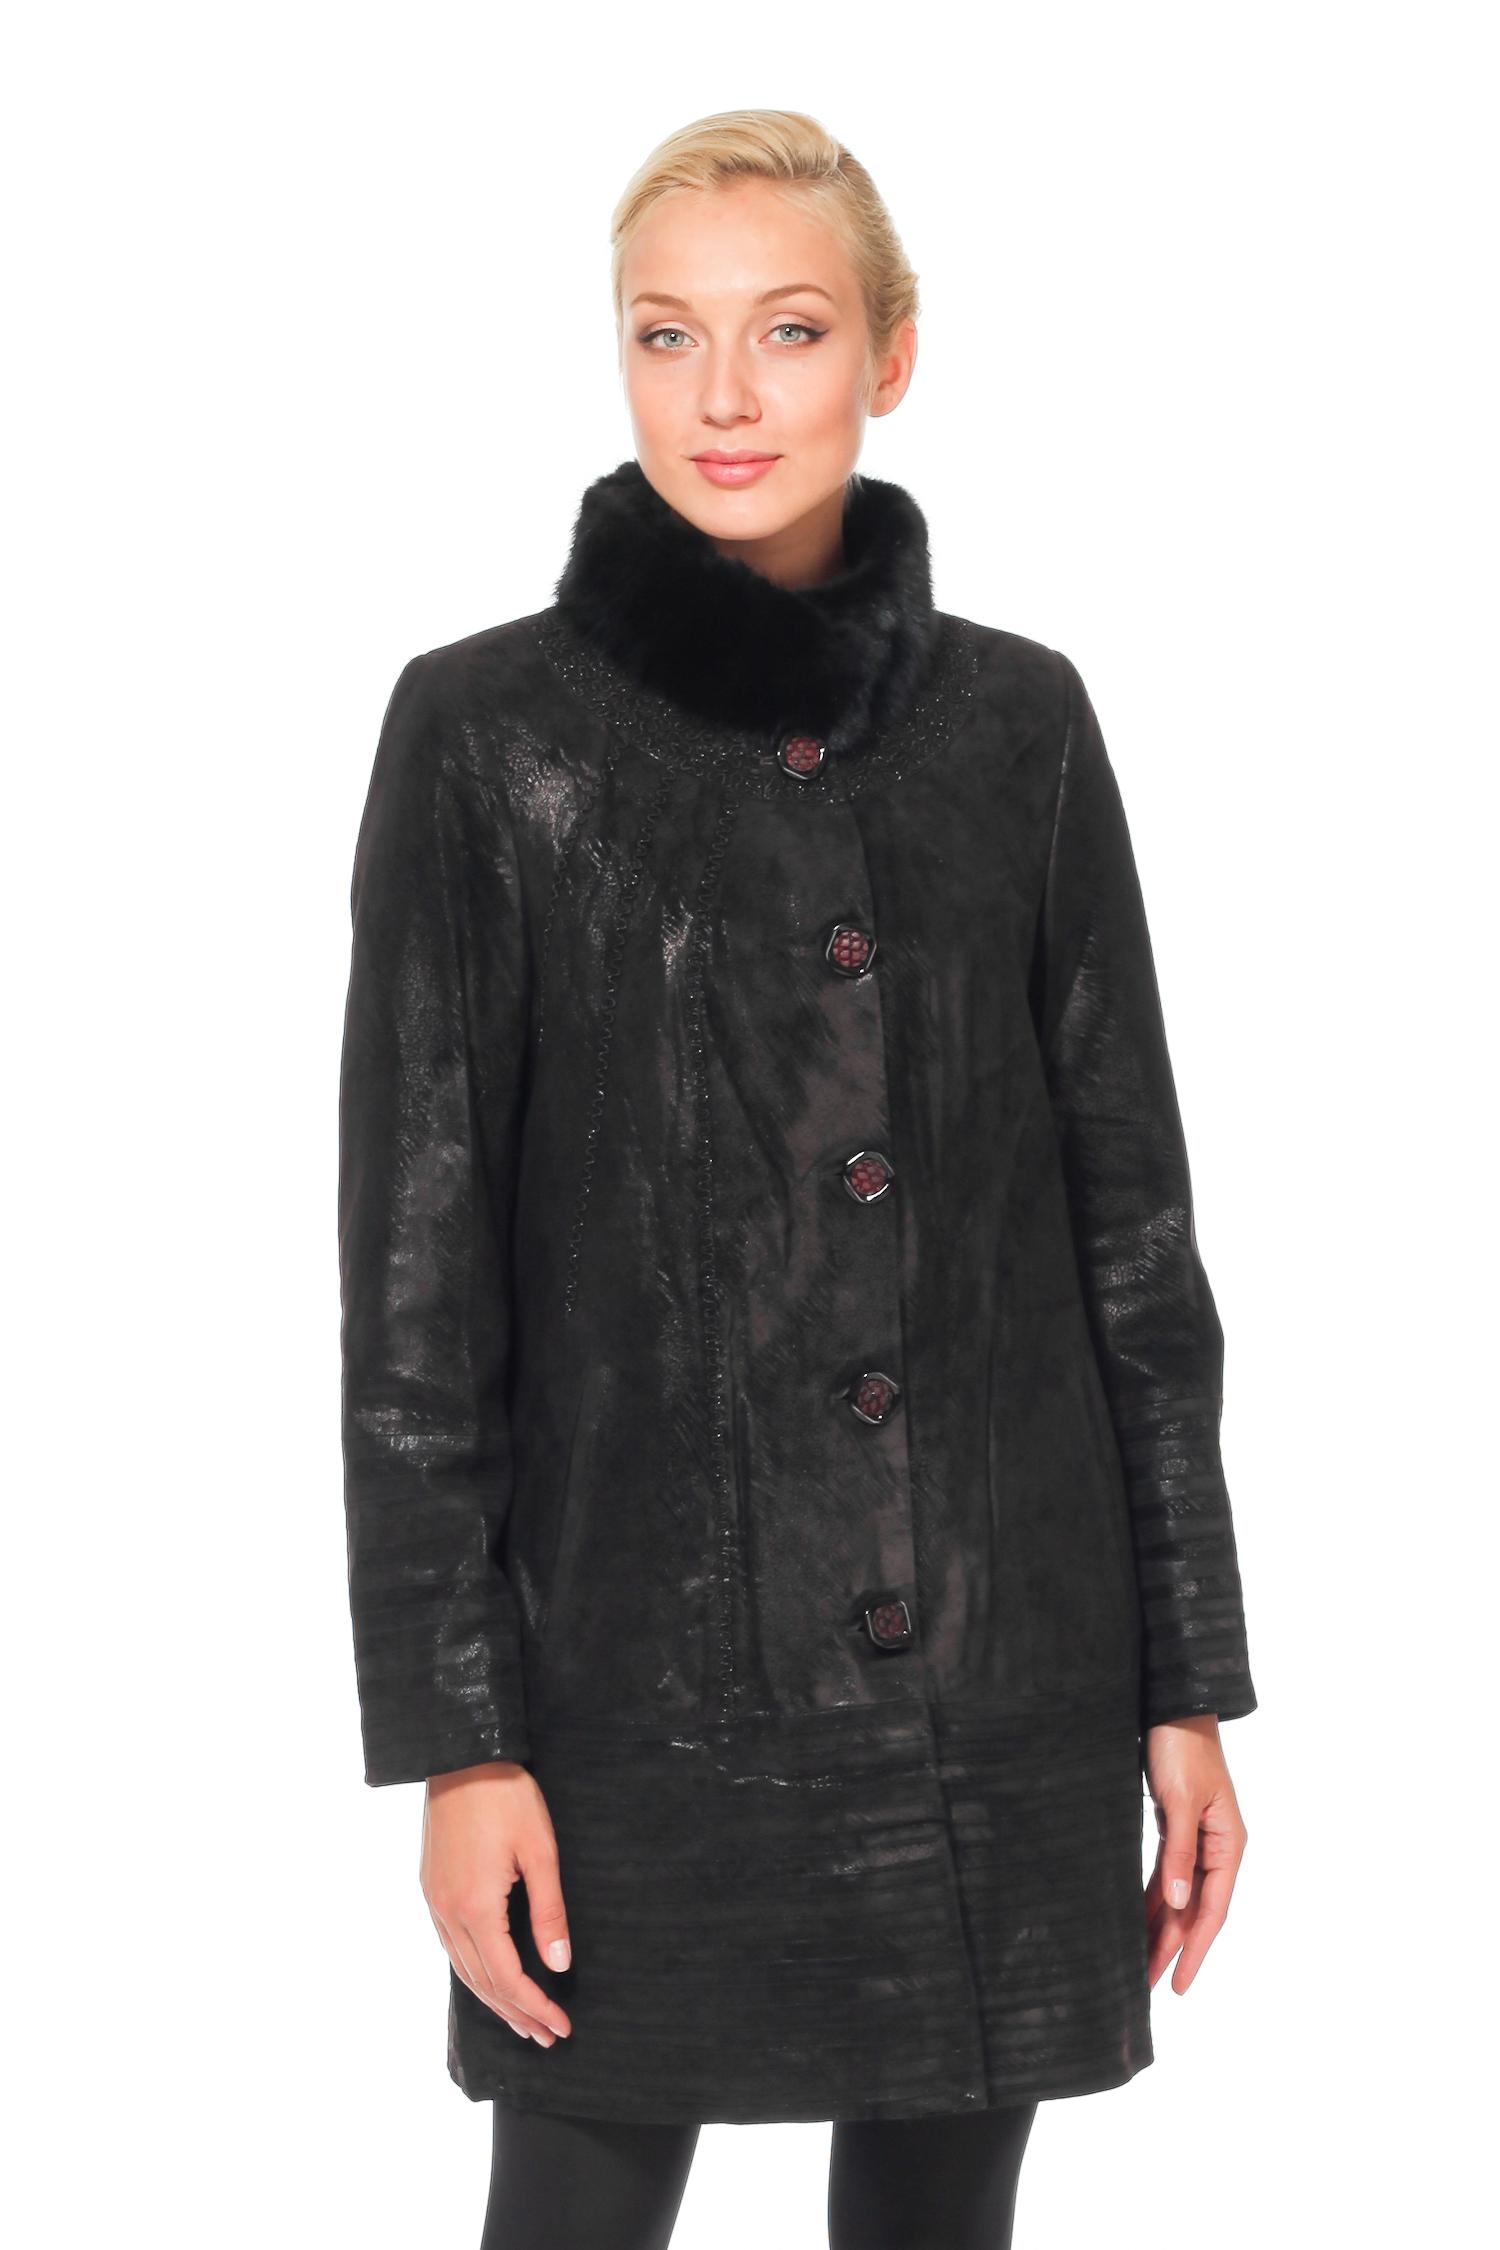 Женское кожаное пальто из натуральной замши с воротником, отделка норка<br><br>Воротник: стойка<br>Длина см: Длинная (свыше 90)<br>Материал: Замша<br>Цвет: коричневый<br>Пол: Женский<br>Размер RU: 64